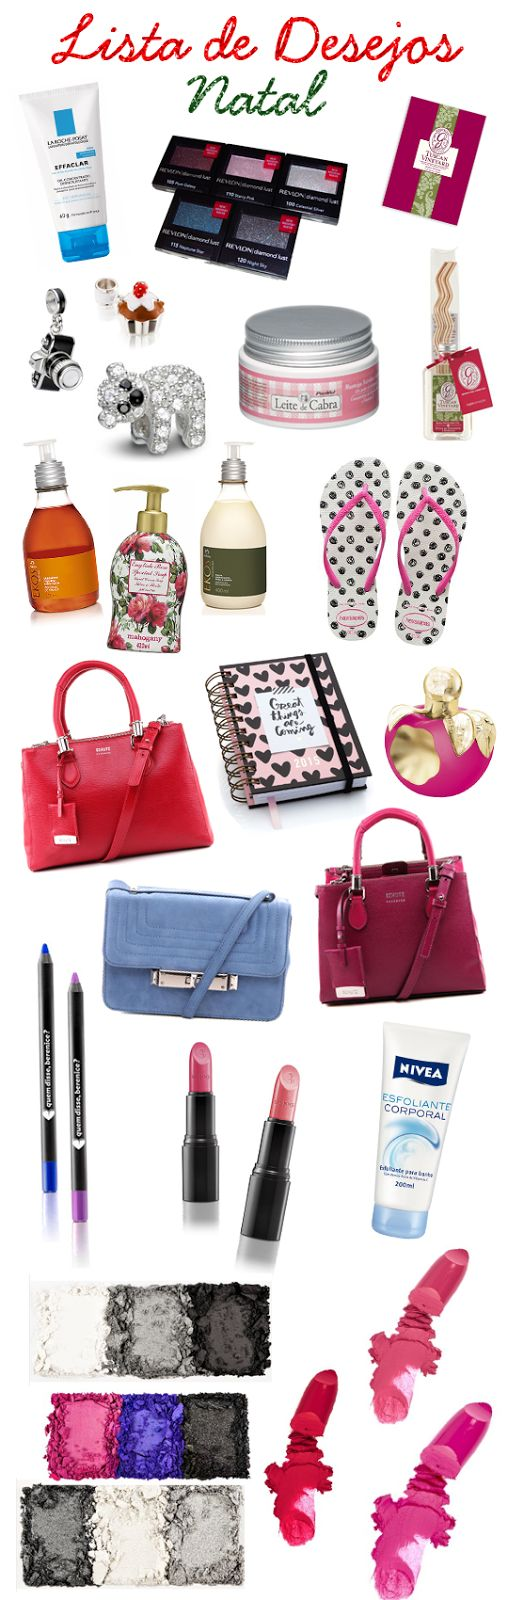 Paletas e batons da NYX na lista de presentes de Natal do blog Dicas e Compras